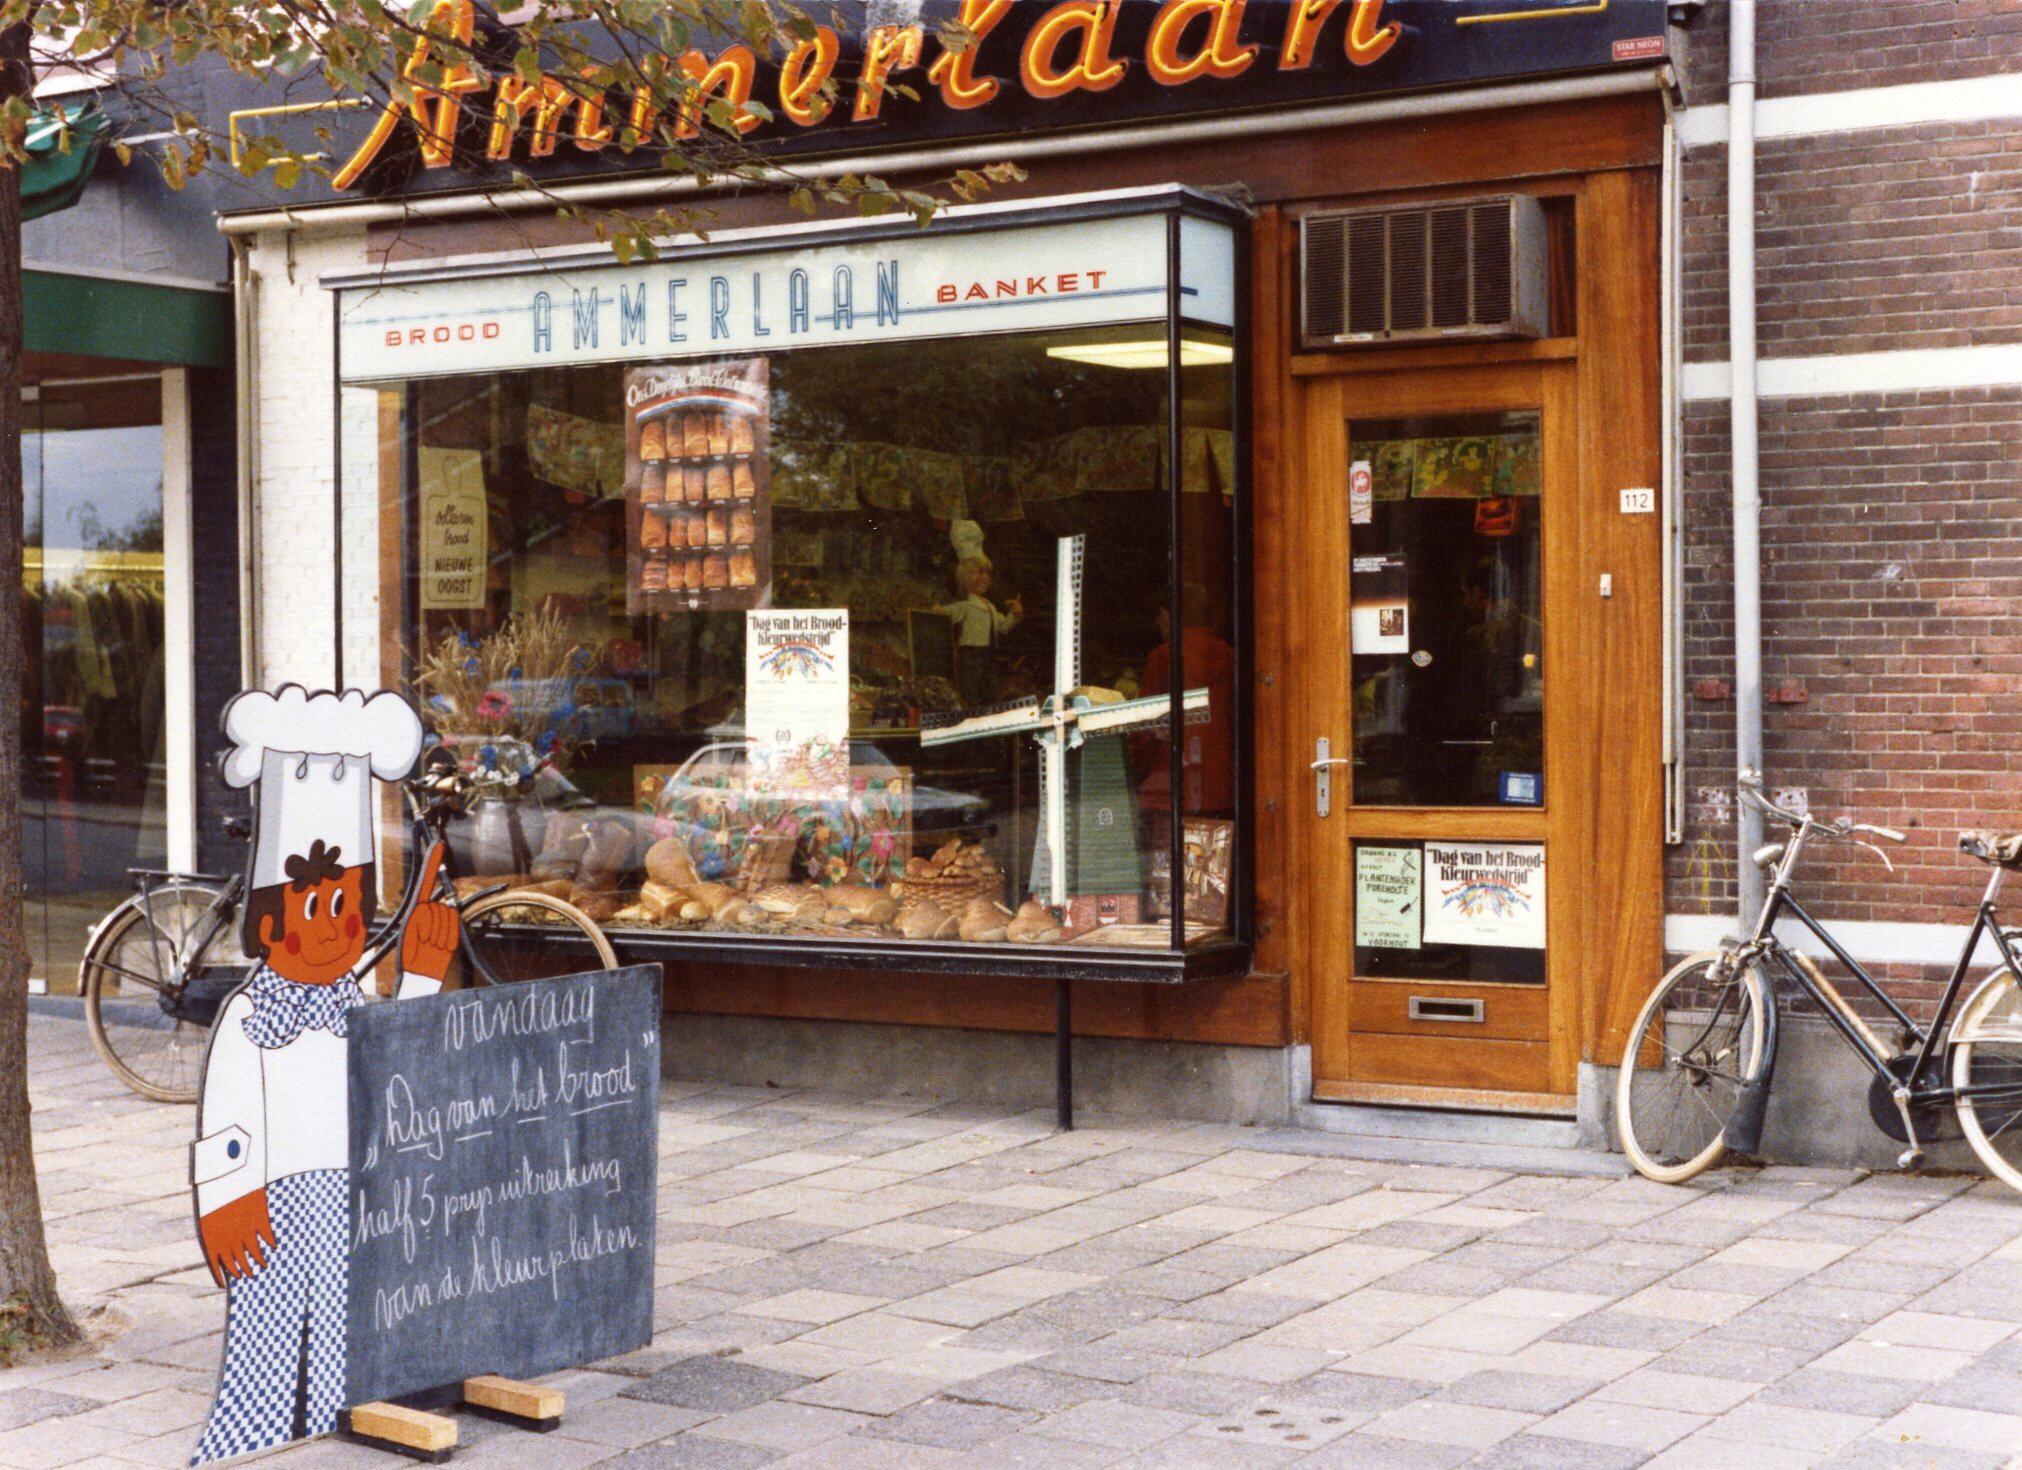 Hoe duur is het brood